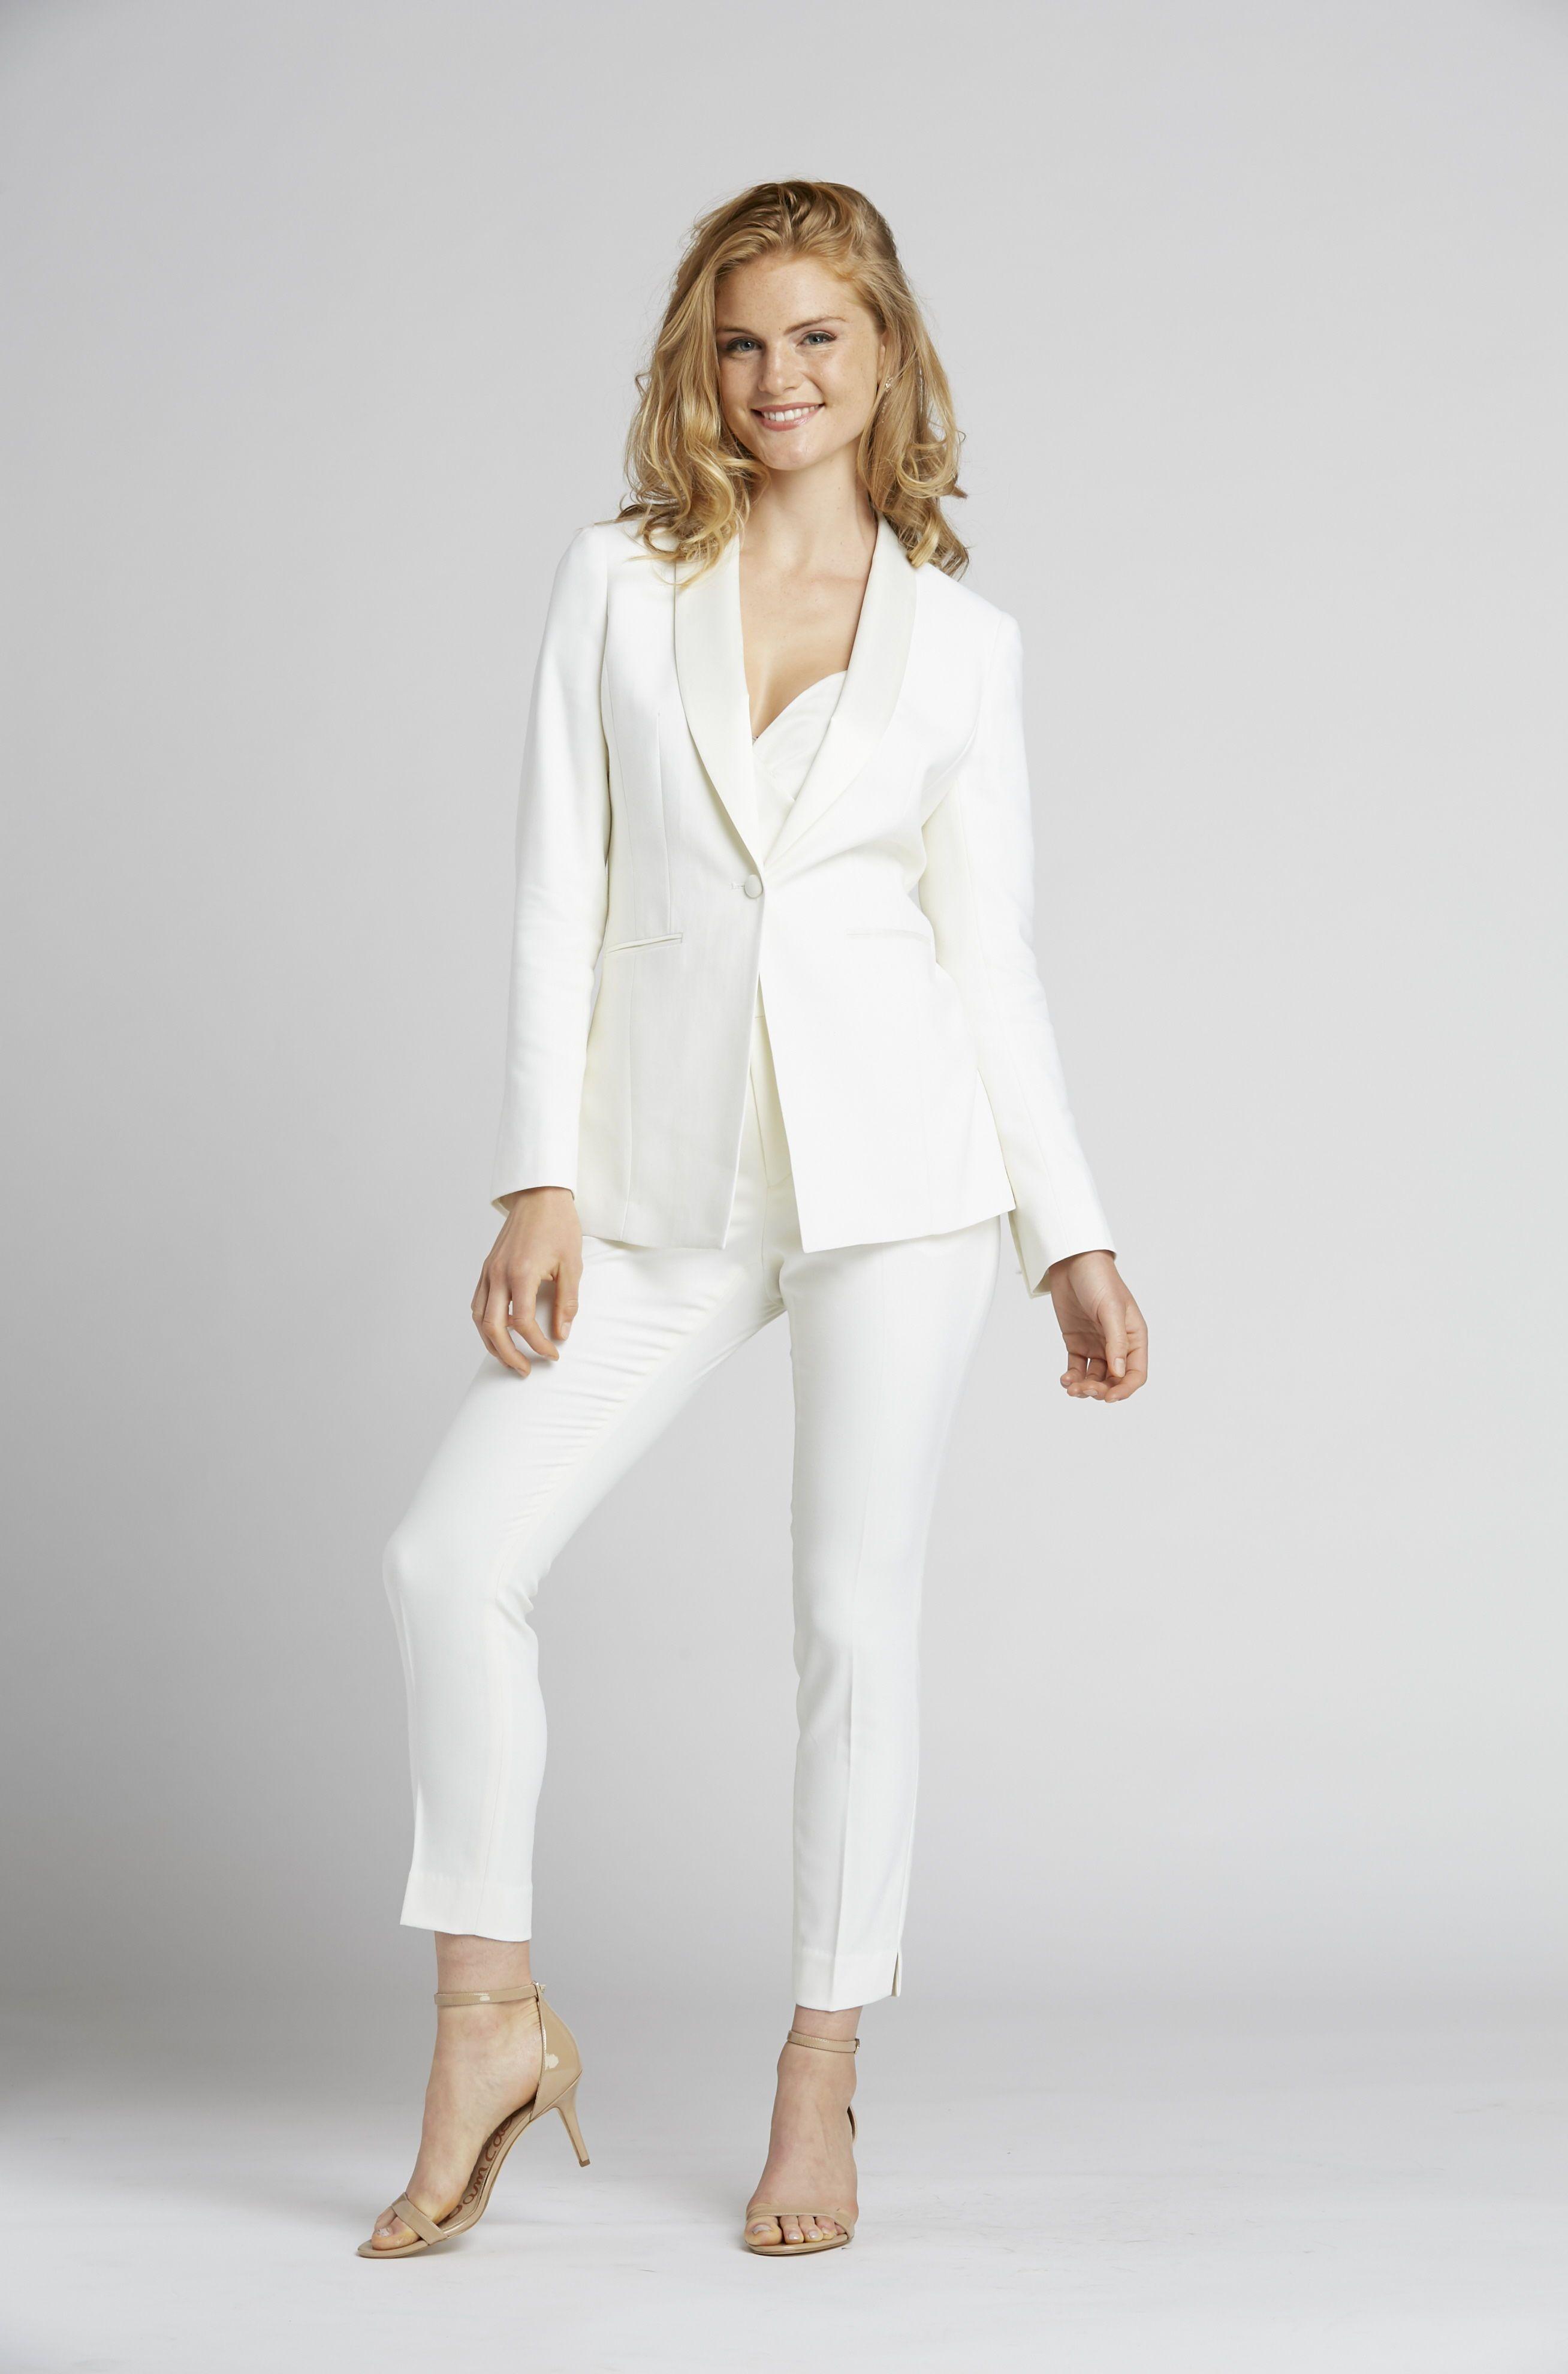 Women S White Tuxedo White Tuxedo Jacket White Tuxedo Tuxedo Jacket [ 3960 x 2616 Pixel ]